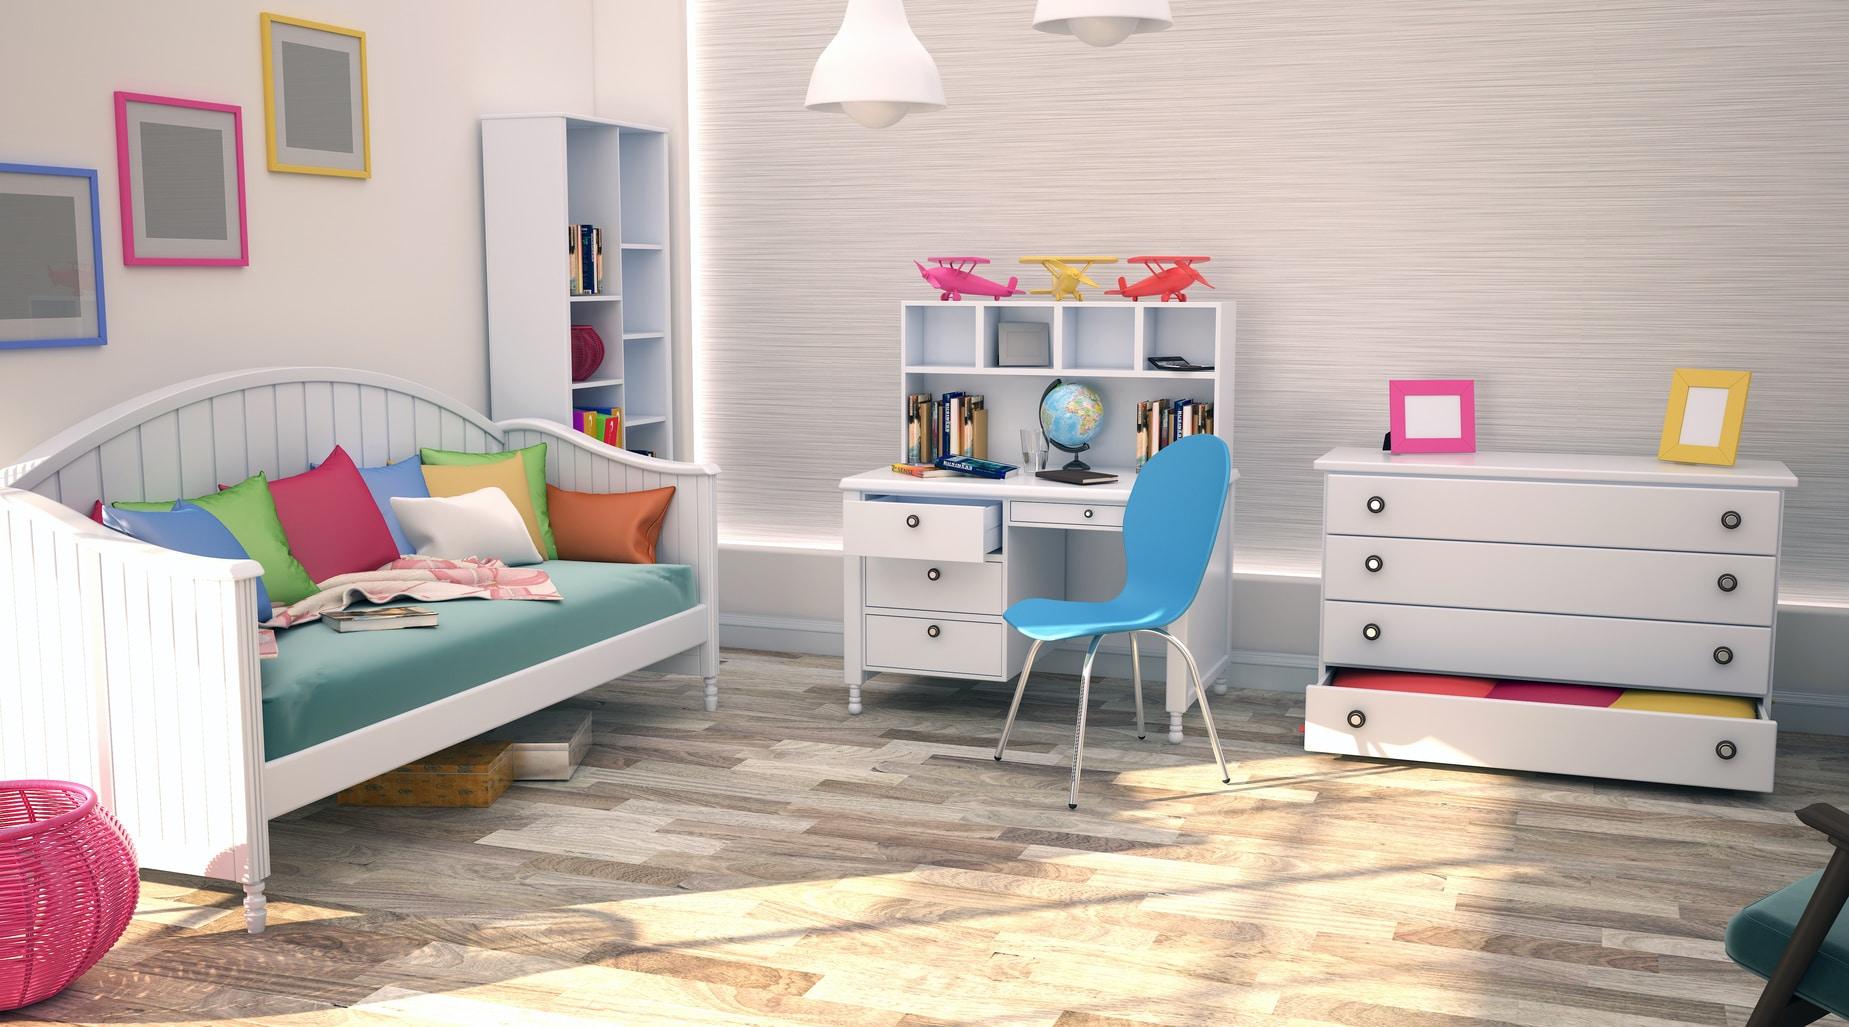 conseils pour bien d corer la chambre de votre enfant. Black Bedroom Furniture Sets. Home Design Ideas